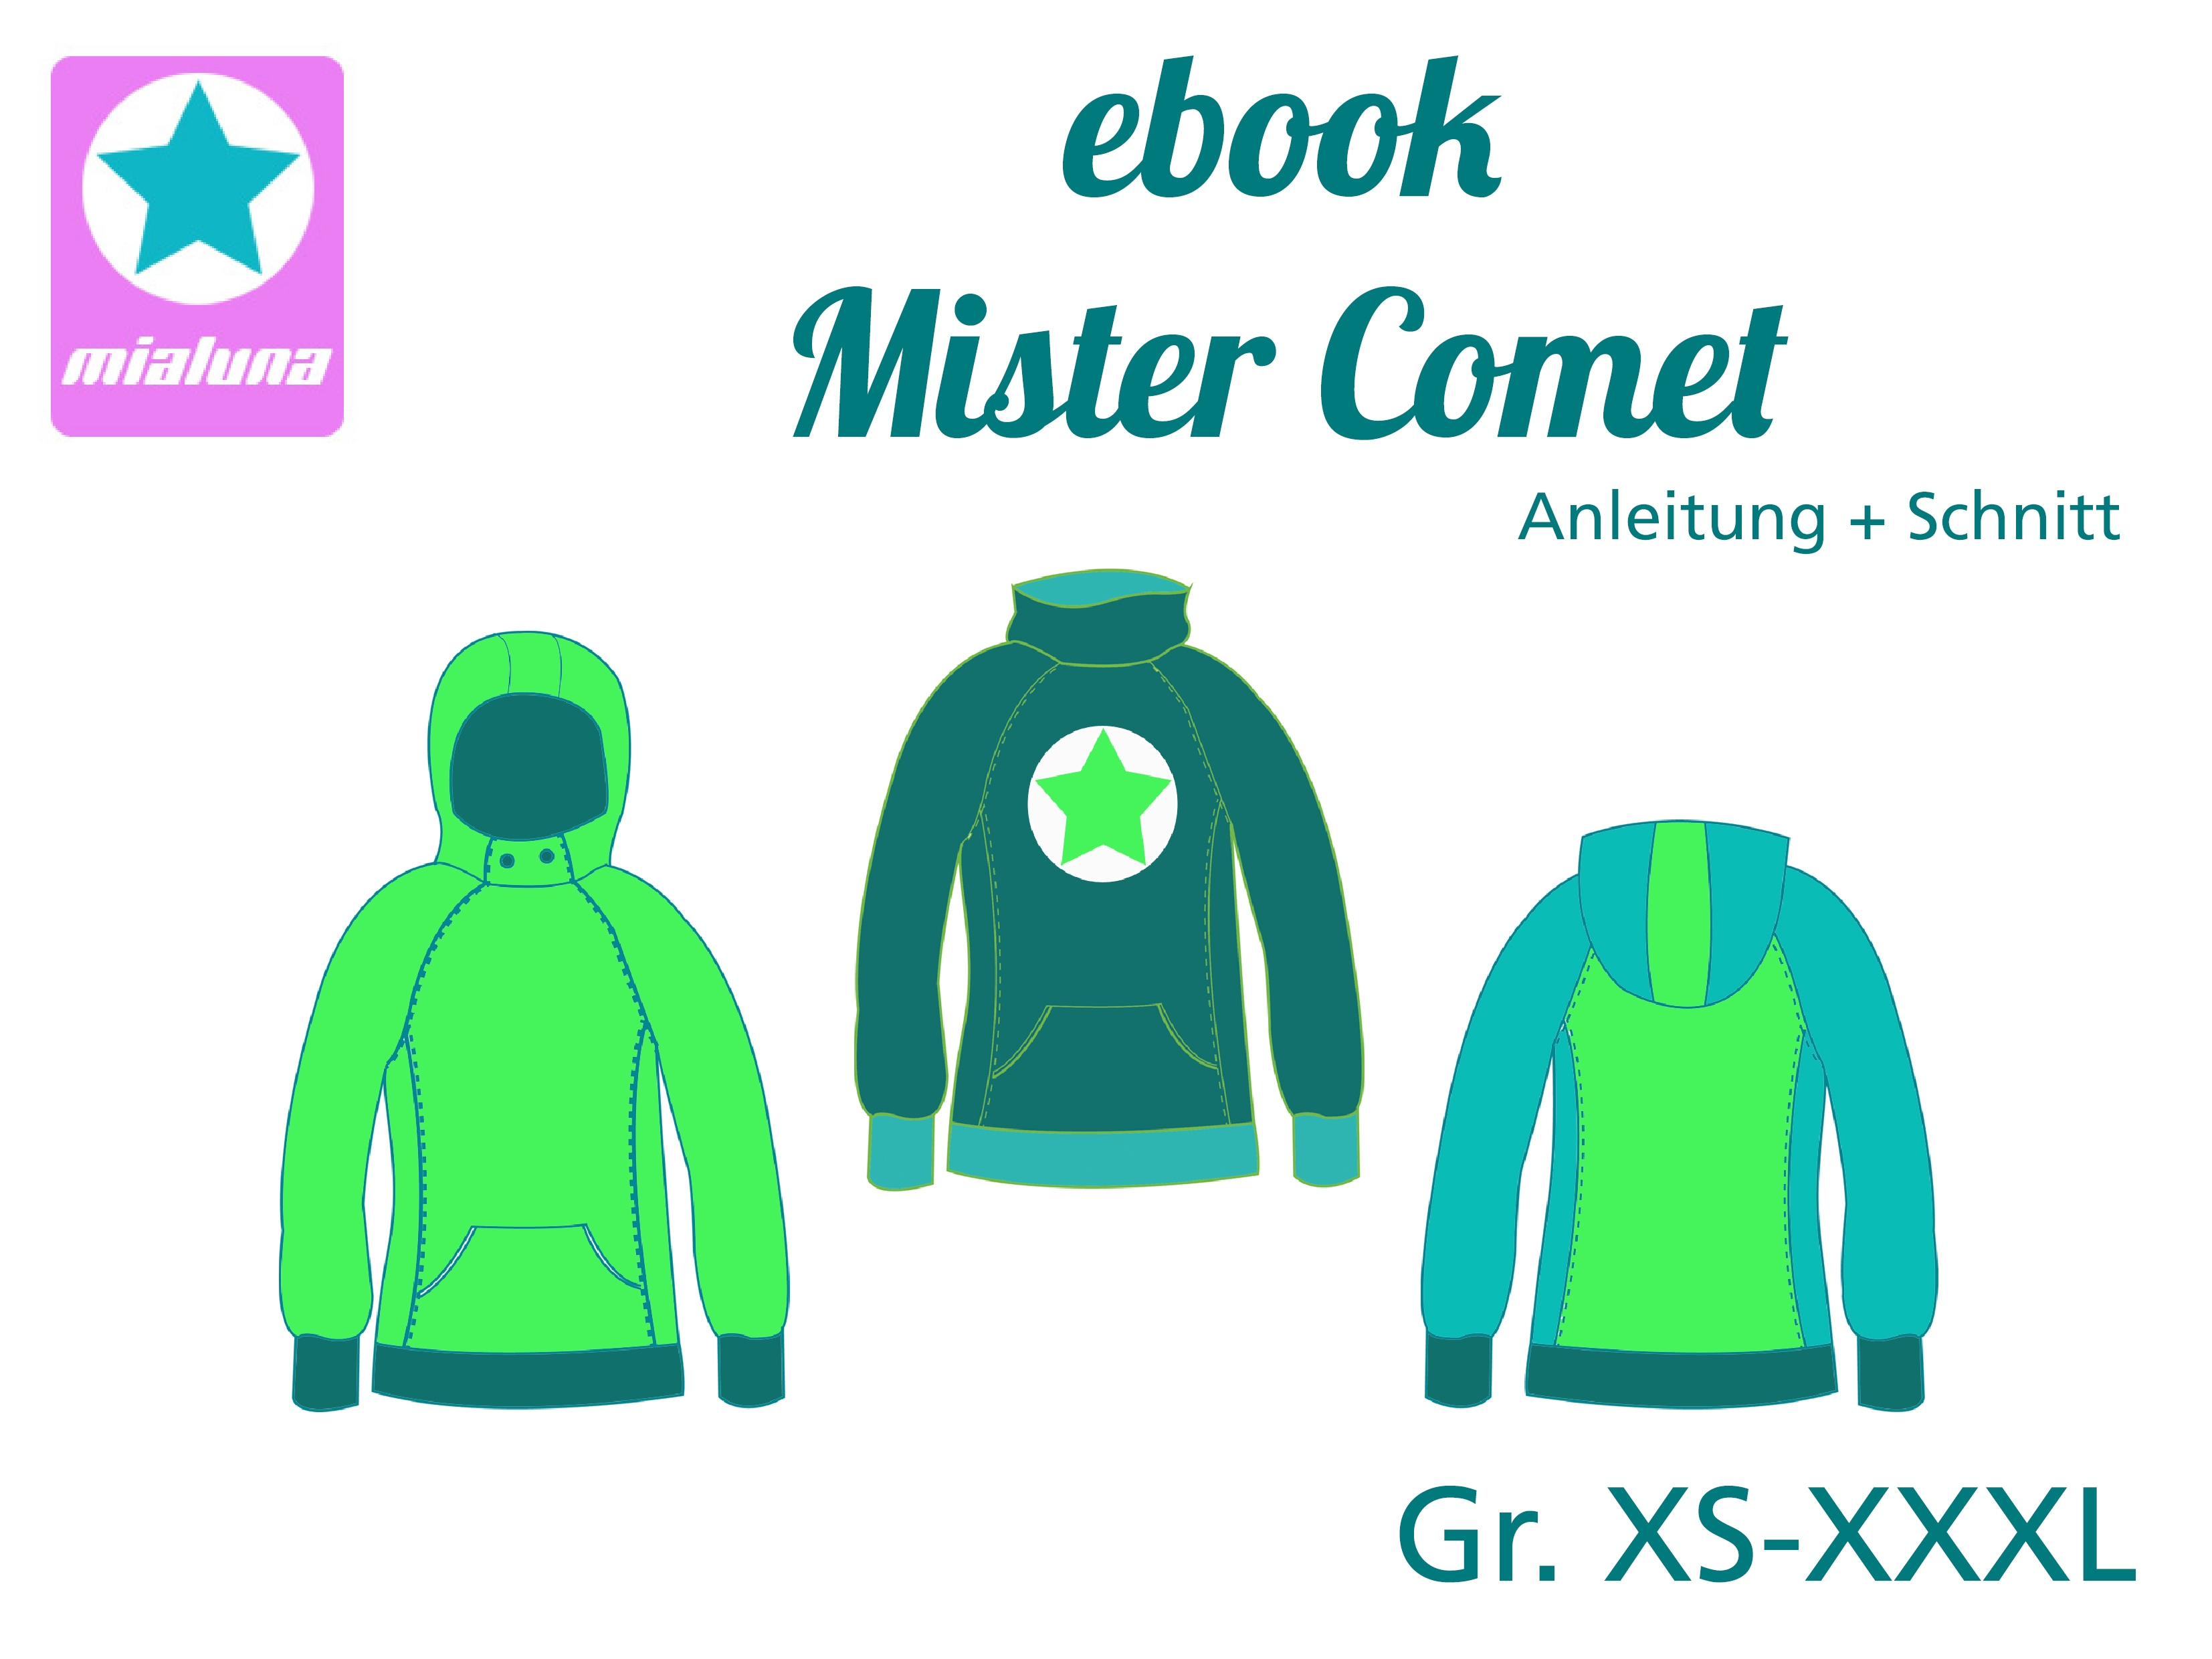 mialuna - Ebook Hoodie Mister Comet Gr. XS - XXXL